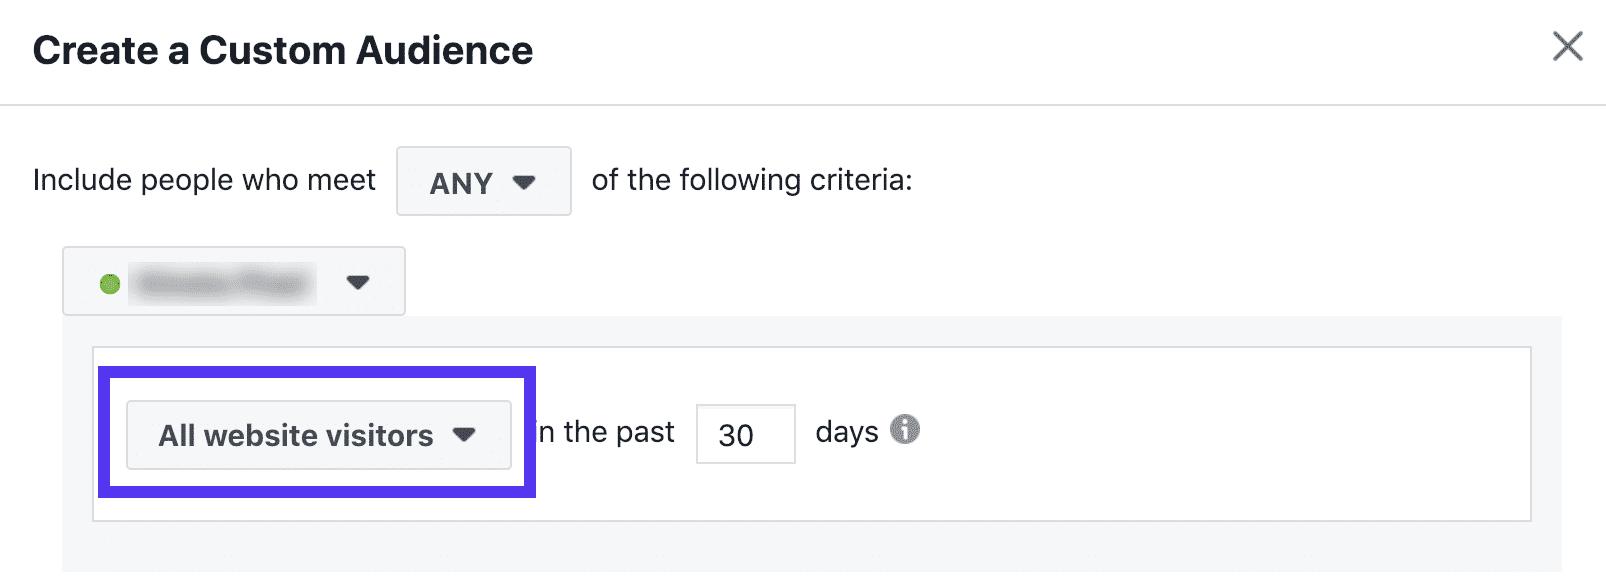 Audiencia de Facebook retargeting – últimos 30 días